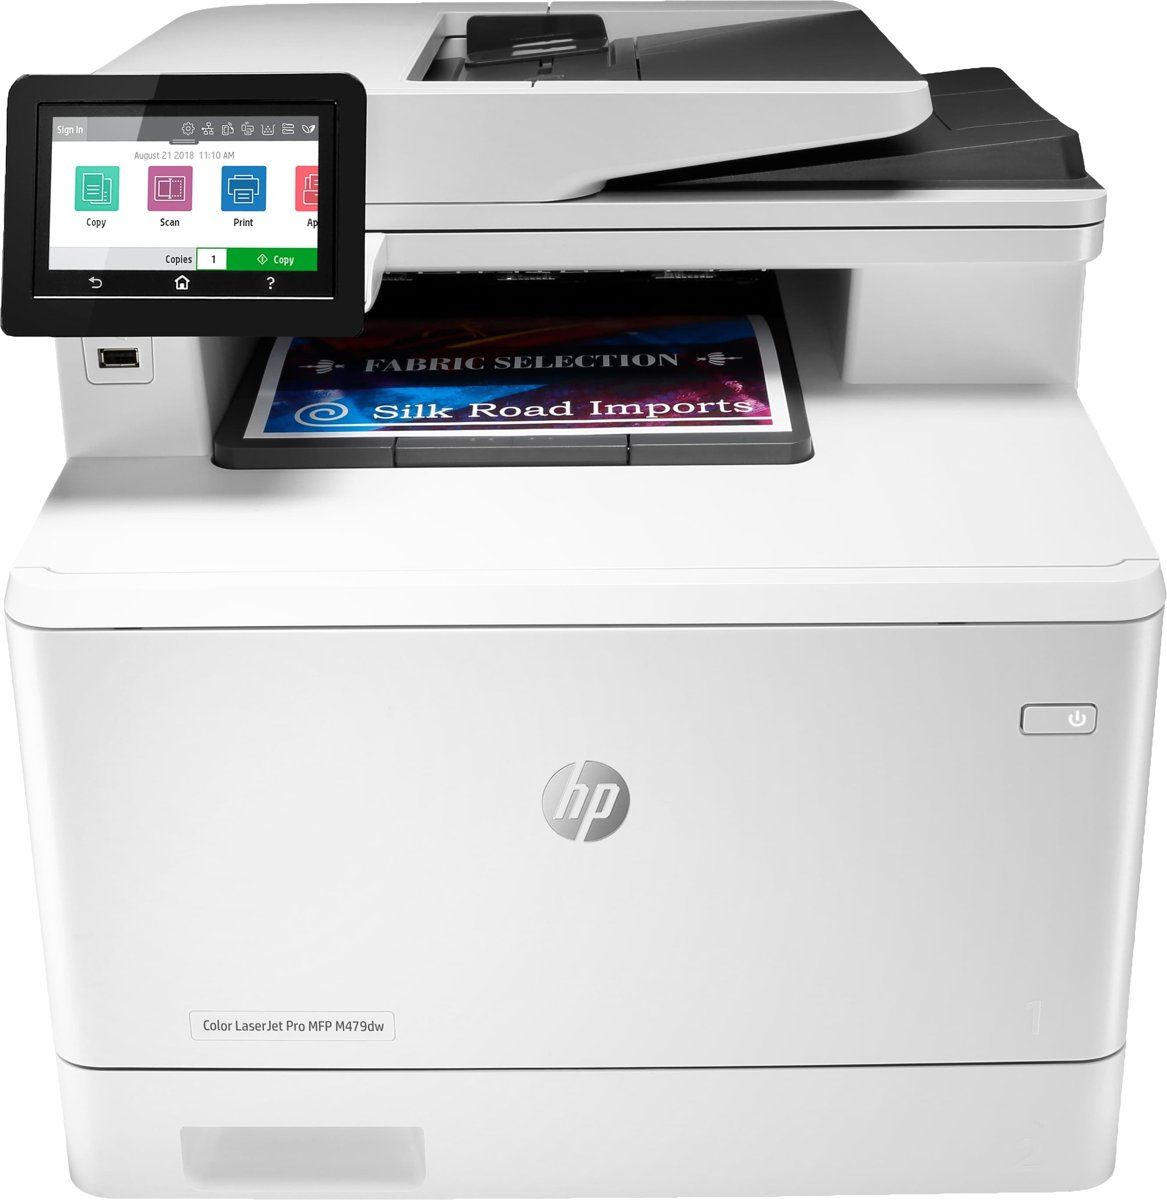 Goede printer voor kleine kantoor